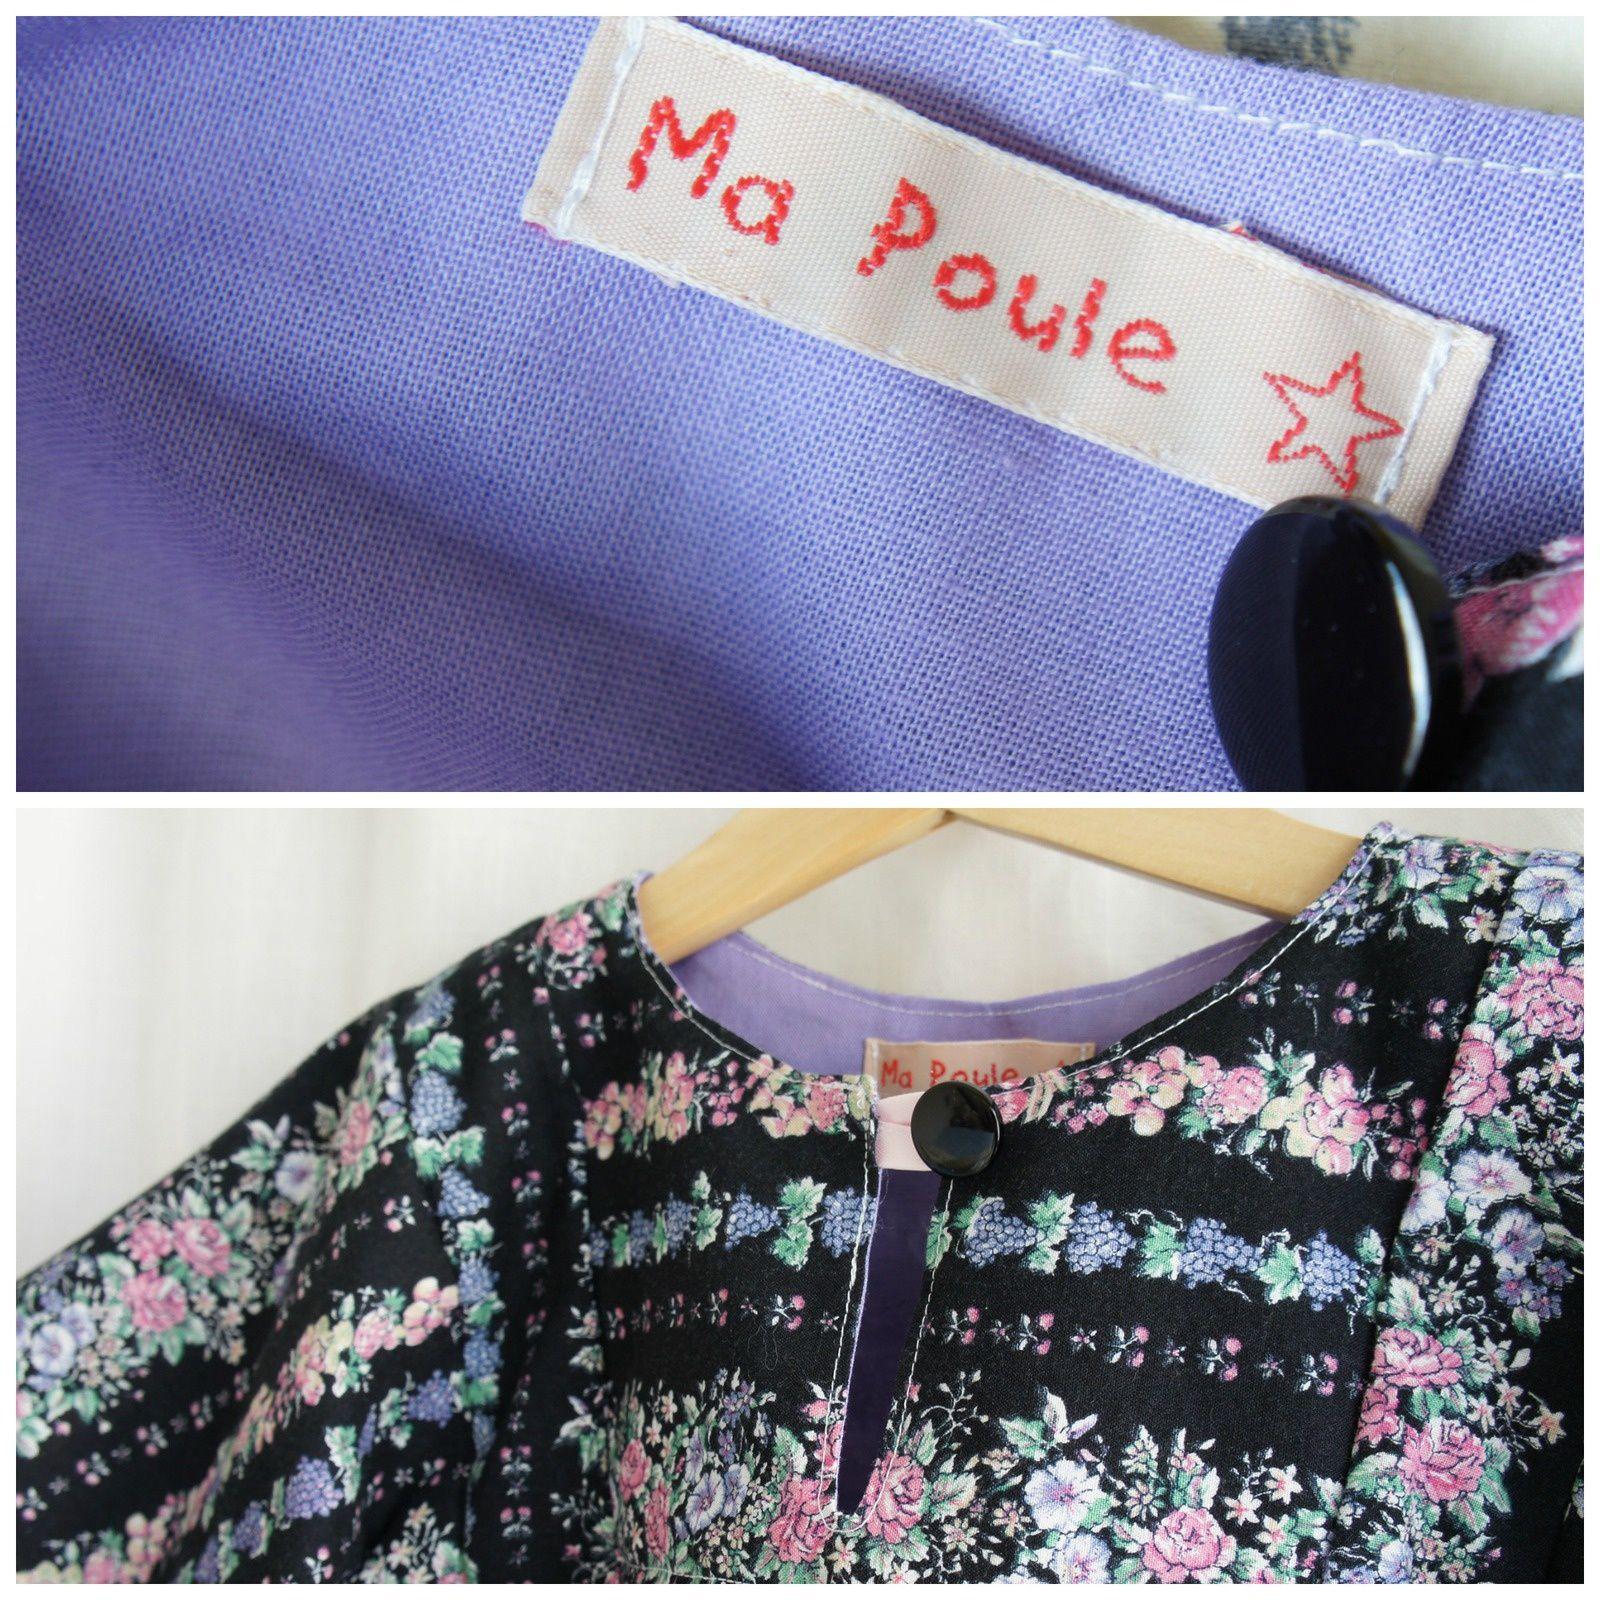 La robe (taille 4 ans) est disponible à l'achat ou dans le cadre d'une location d'un pack Tale Me. L'occasion vous est offerte de venir essayer les vêtements ces dimanches 22 et 29 juin à la Tricoterie, à Saint-Gilles.